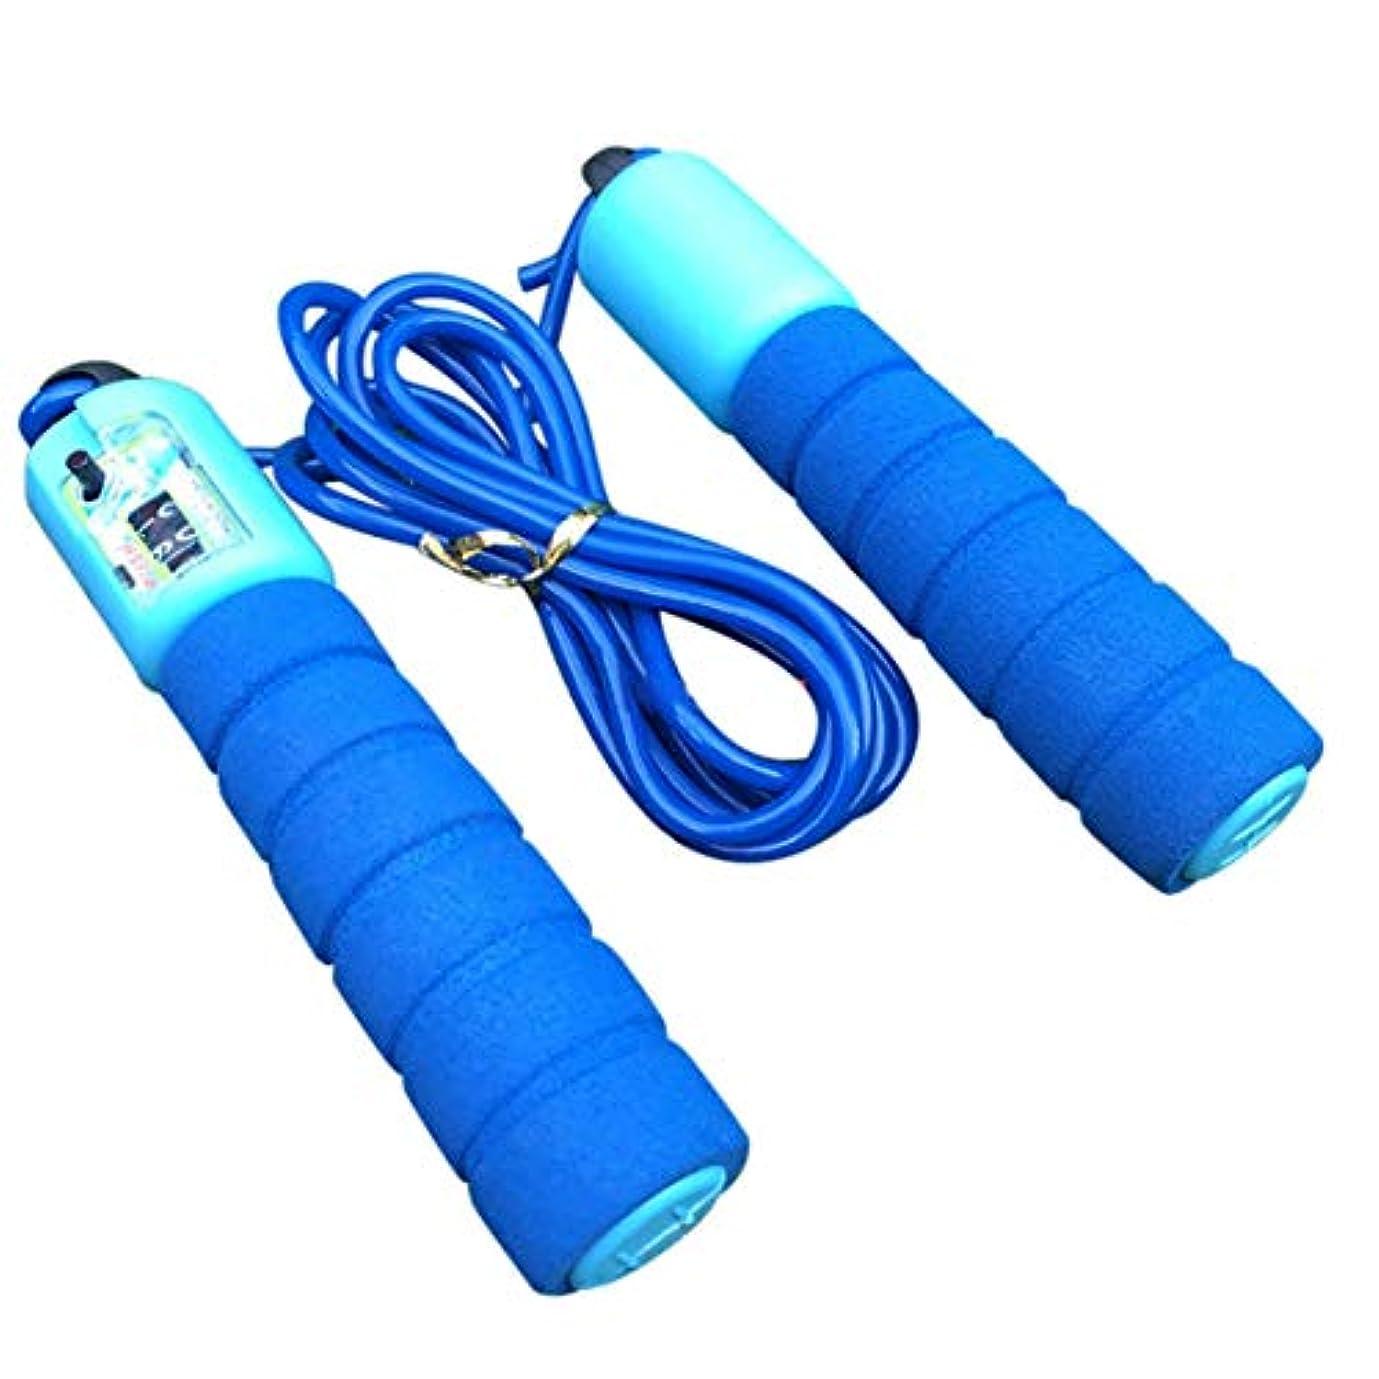 フルーツ無礼に何調整可能なプロフェッショナルカウント縄跳び自動カウントジャンプロープフィットネス運動高速カウントジャンプロープ - 青